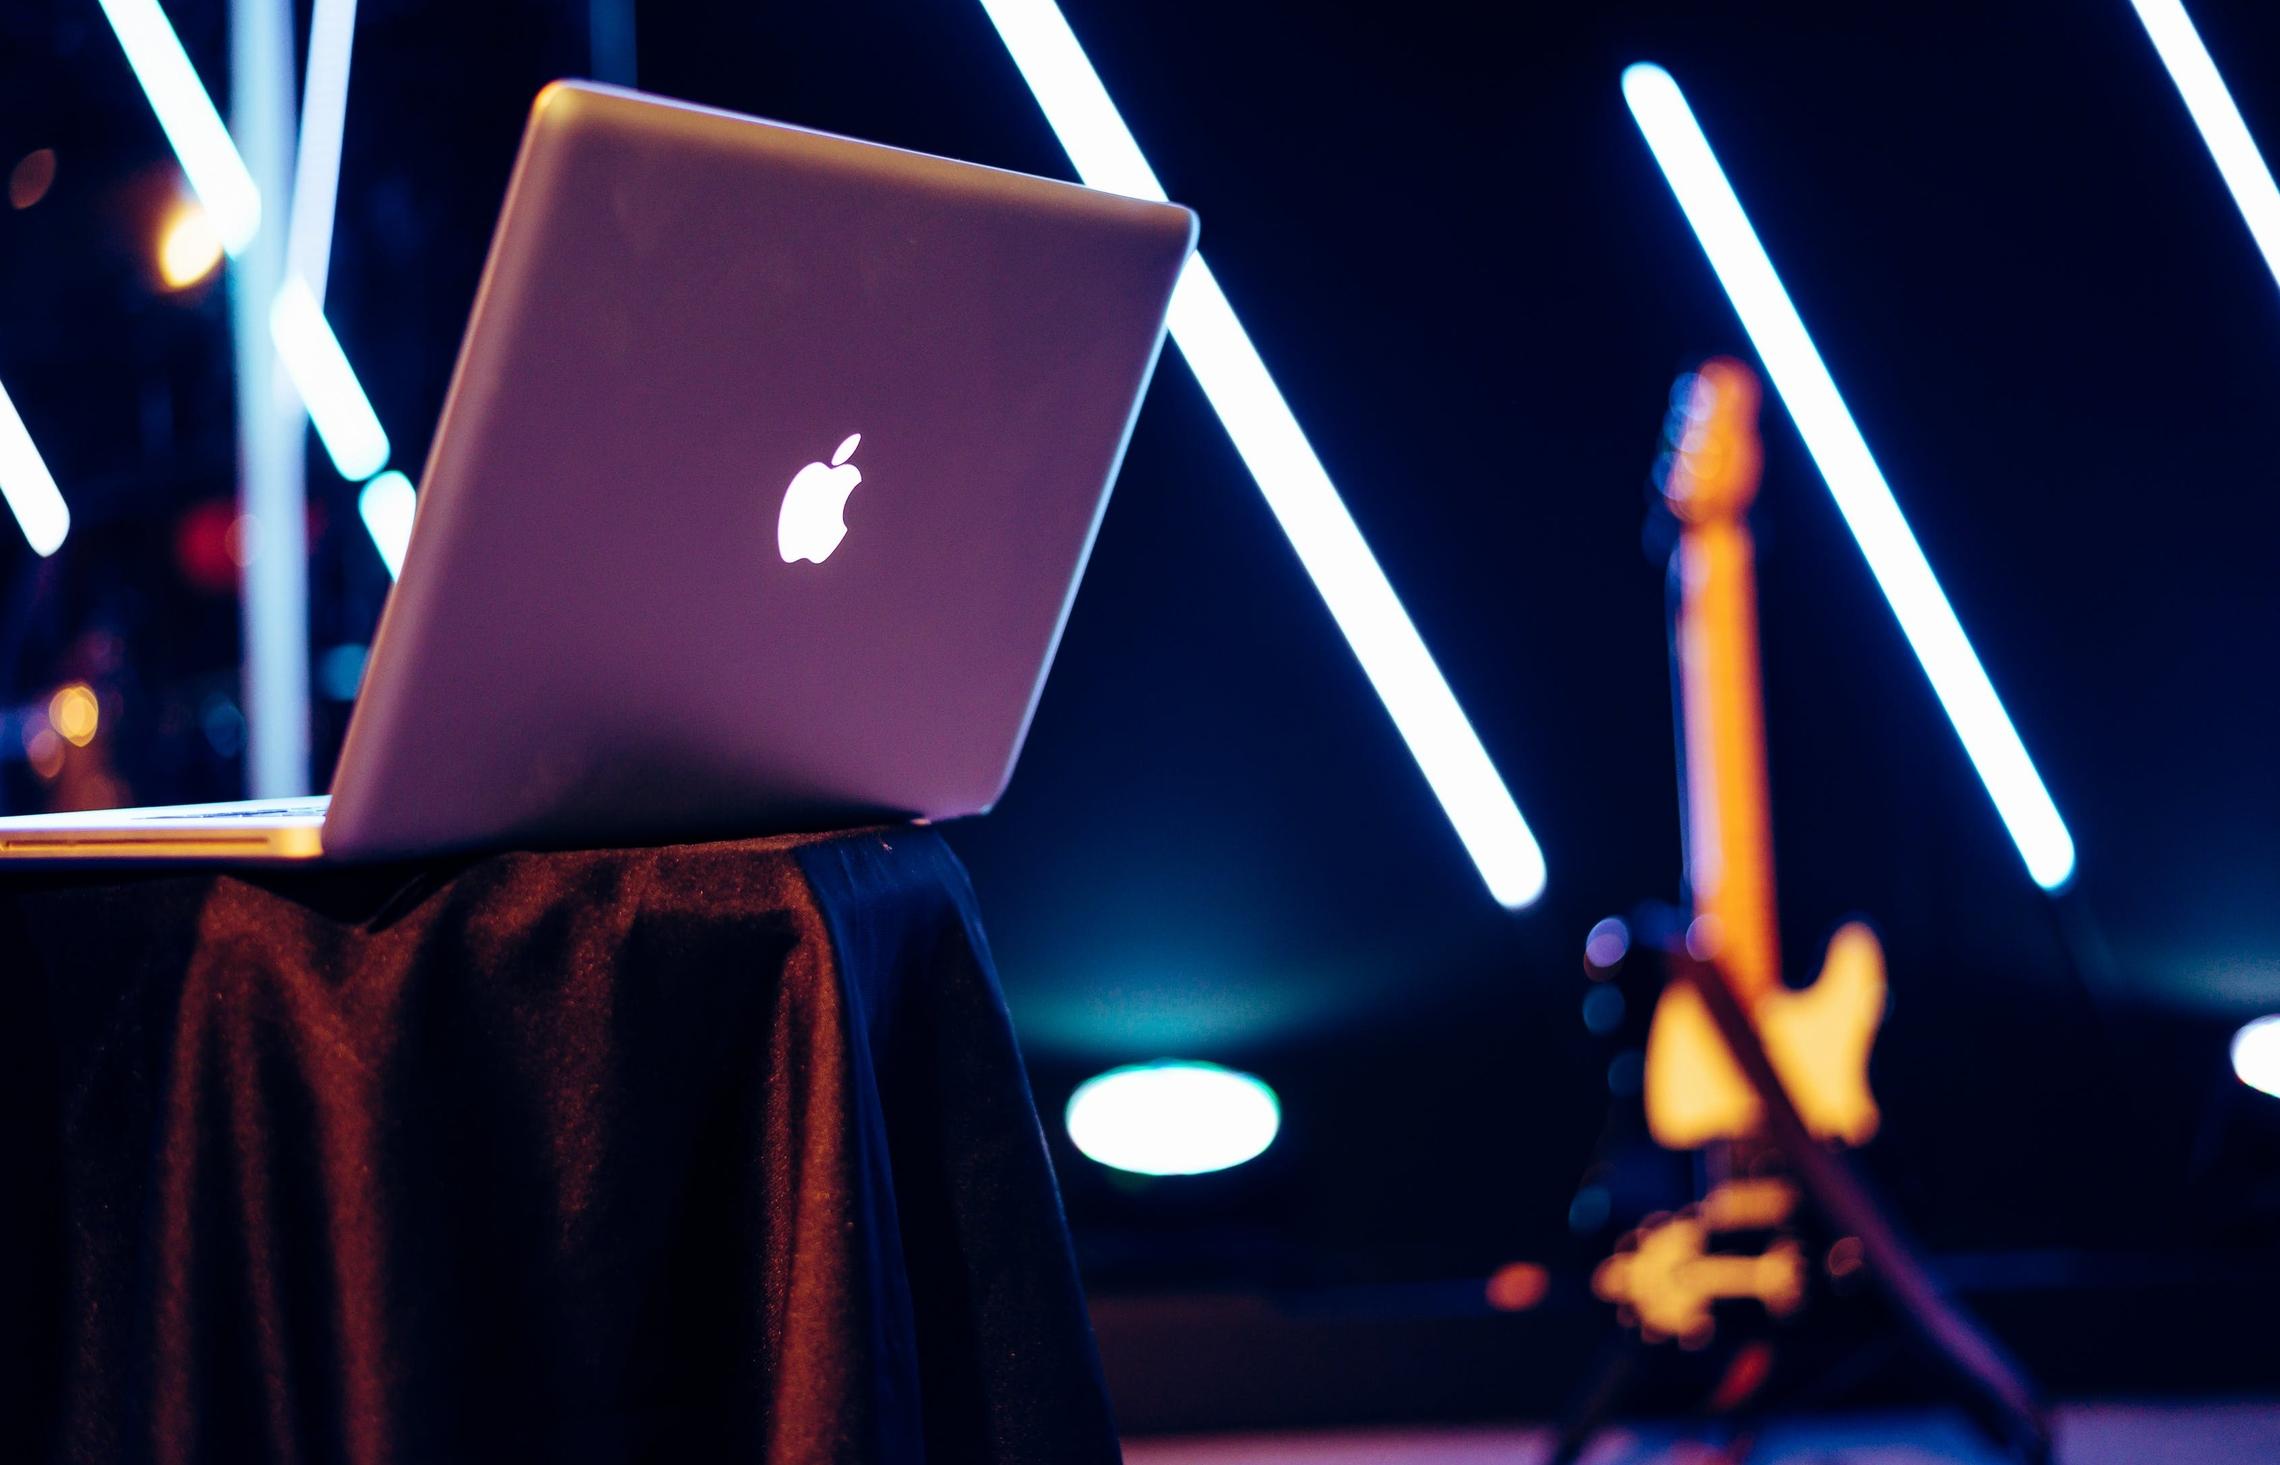 専門店だからできる!故障・壊れたMacBook Pro高額買取いたします!